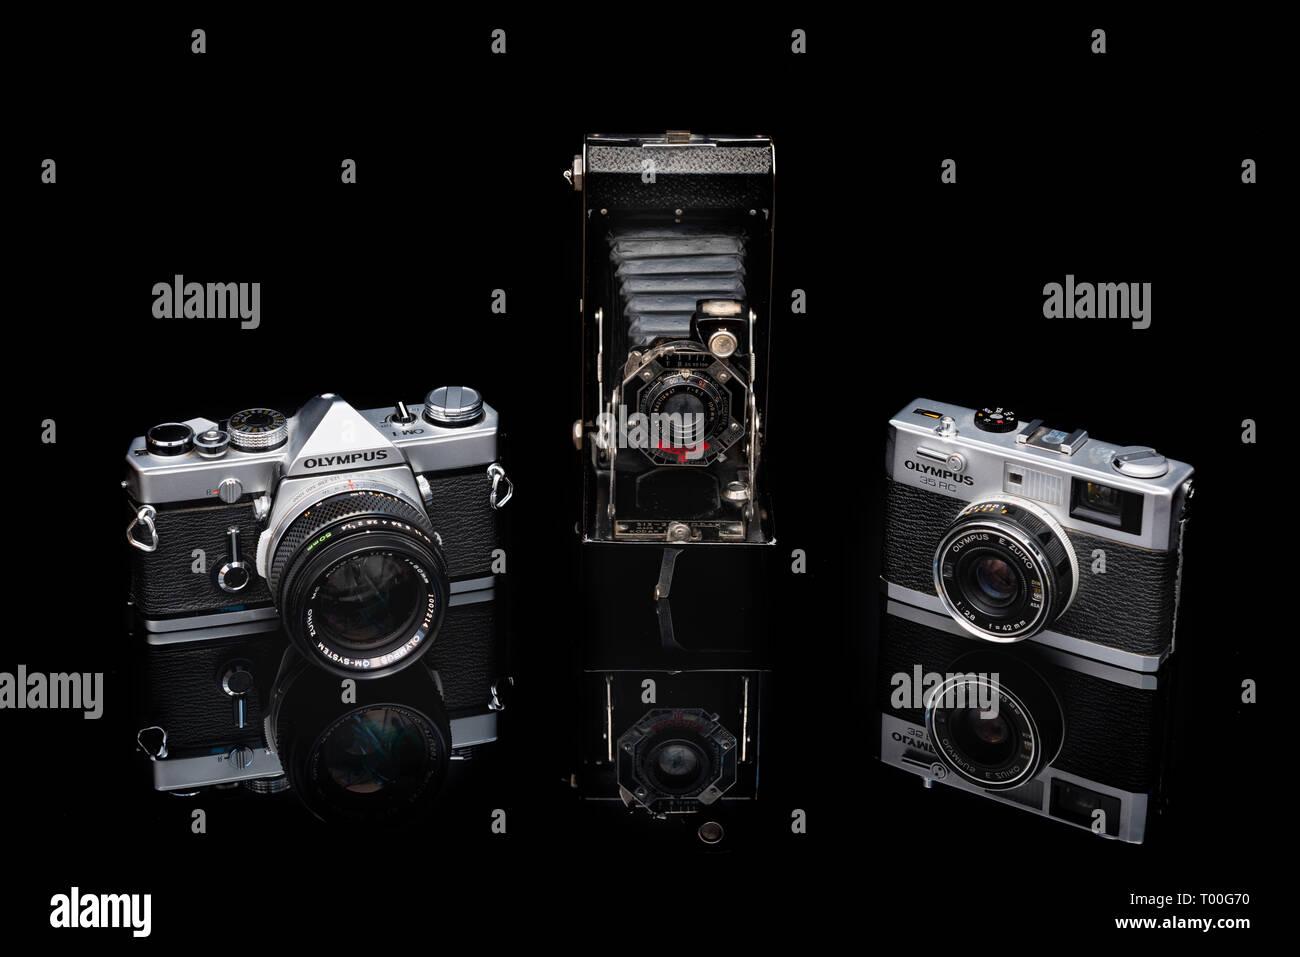 Sammlung von klassischen Vintage film Kameras inklusive Olympus OM1 35-mm-Spiegelreflexkamera SLR Kamera, Kodak 6-20 Falten und Olympus RC Entfernungsmesser Stockbild